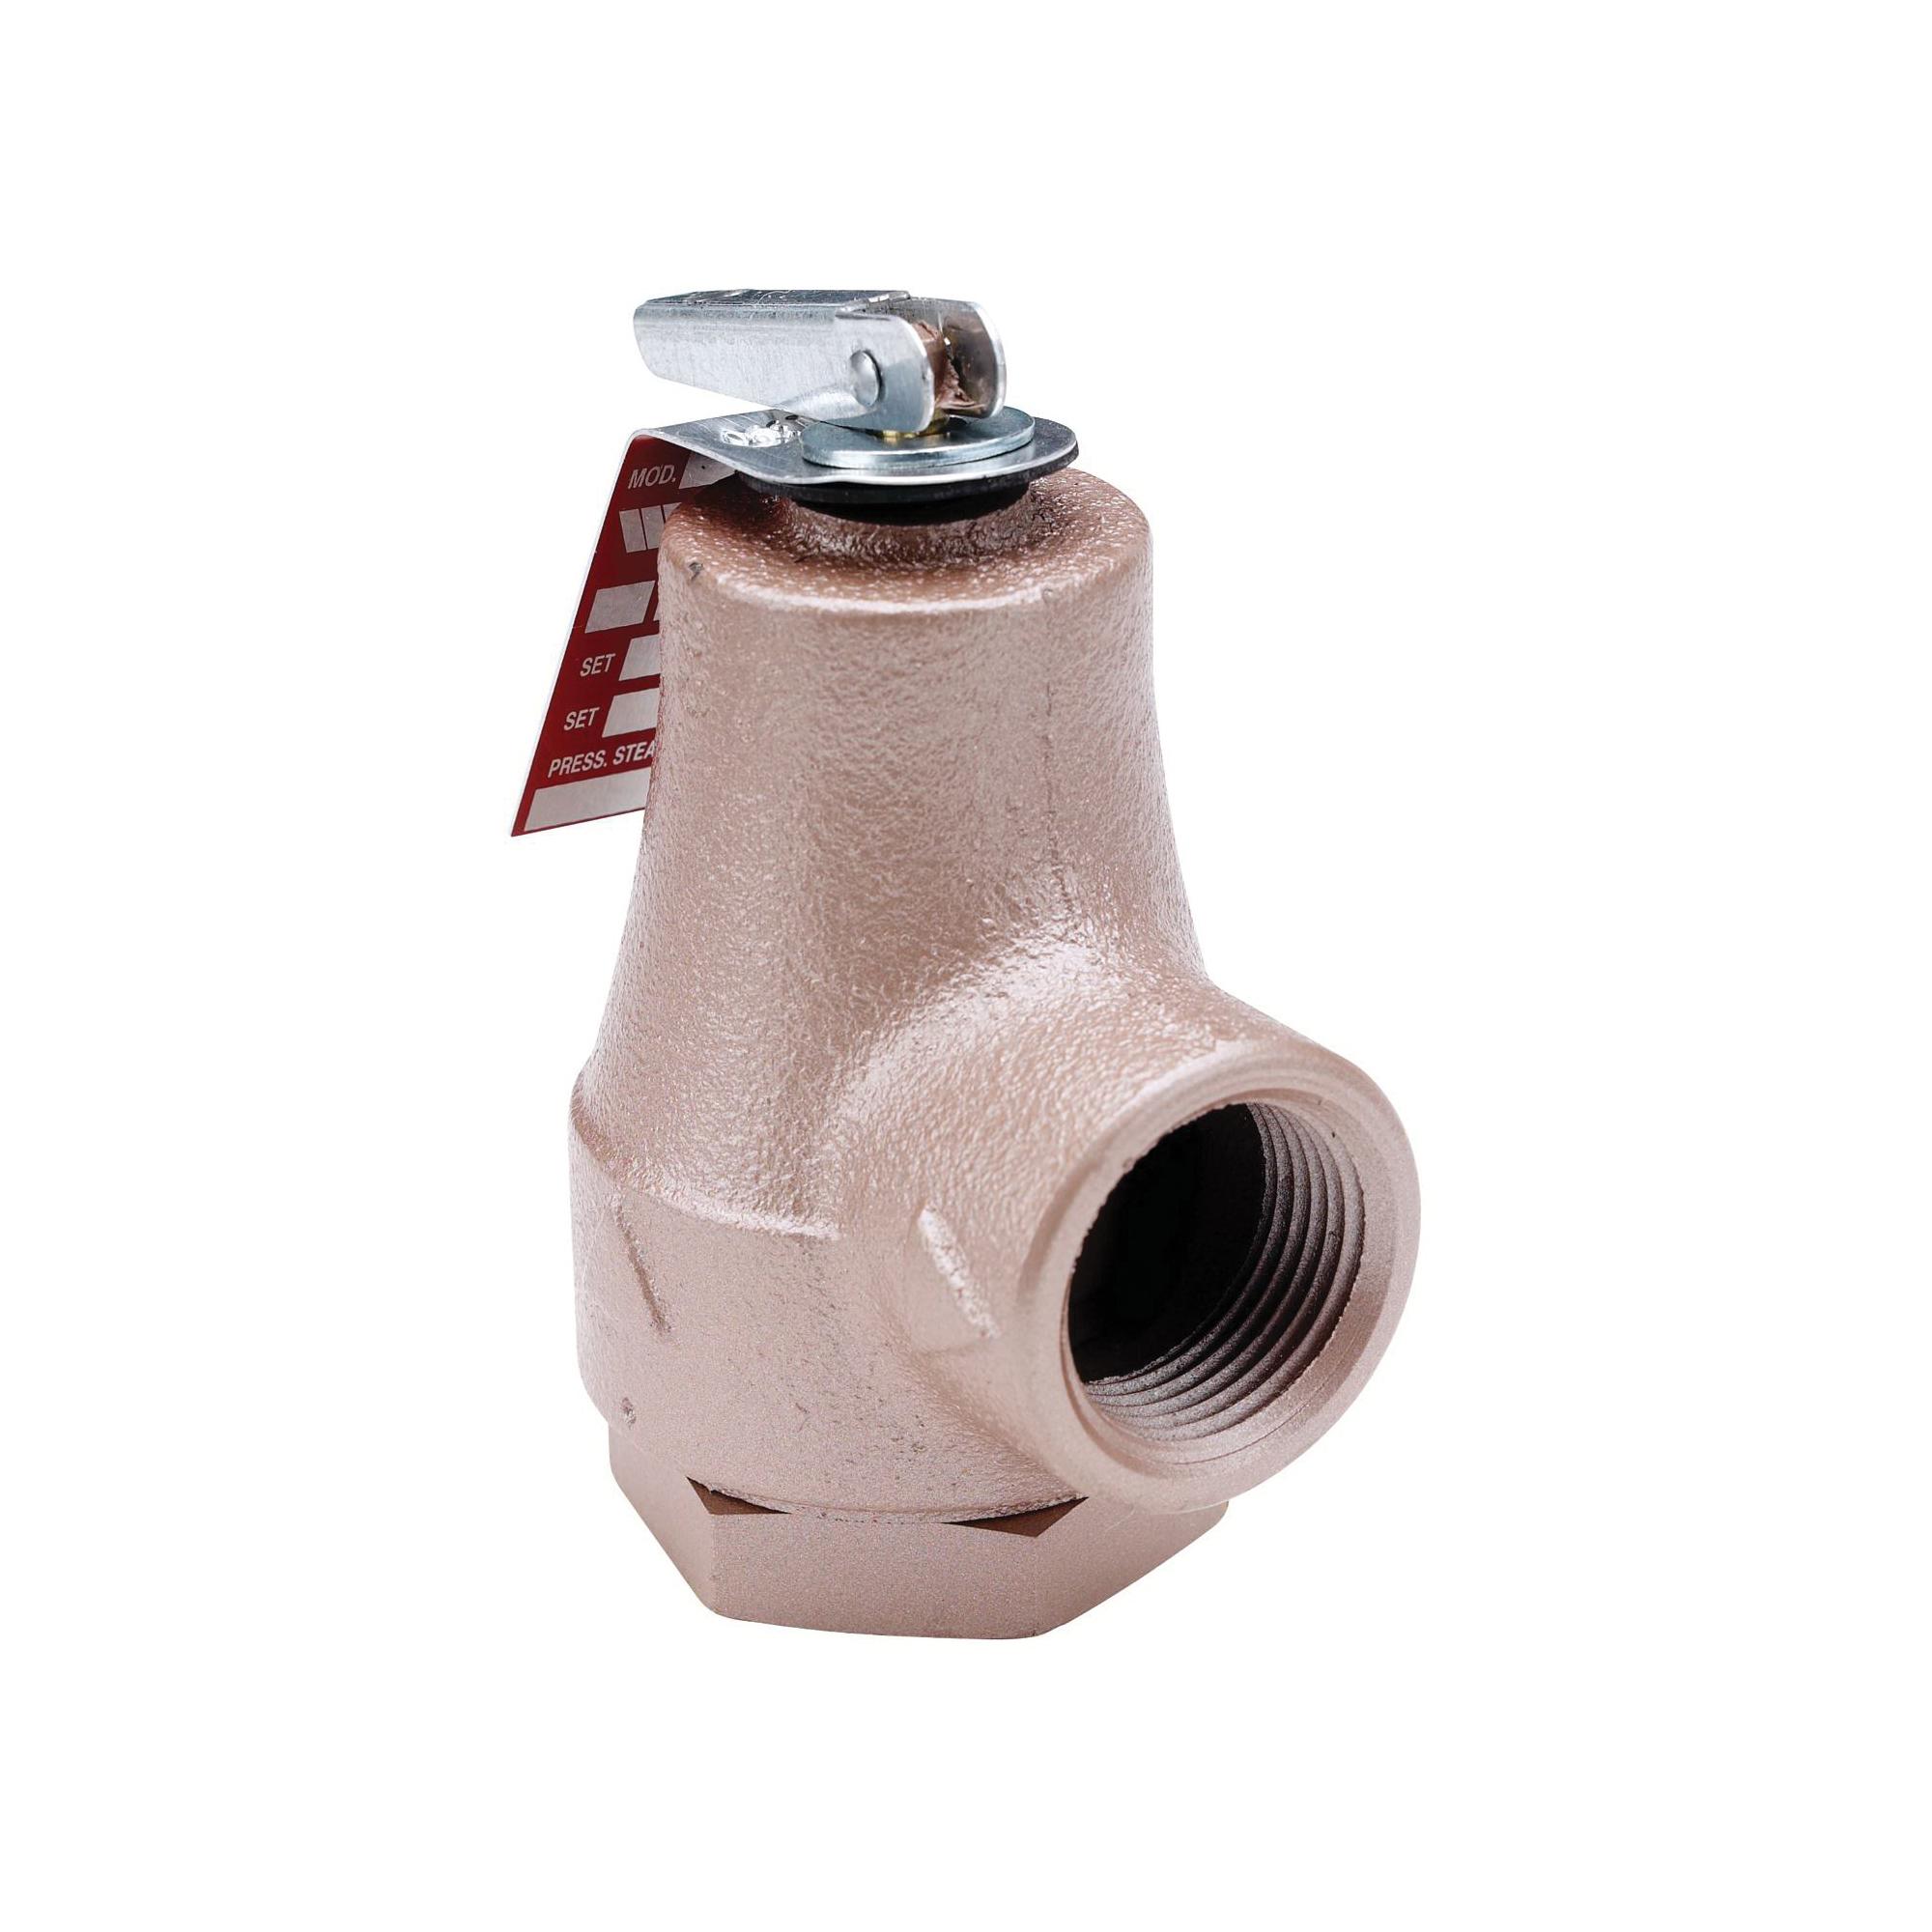 WATTS® 0358550 374A Pressure Relief Valve, 3/4 in, FNPT, Iron Body